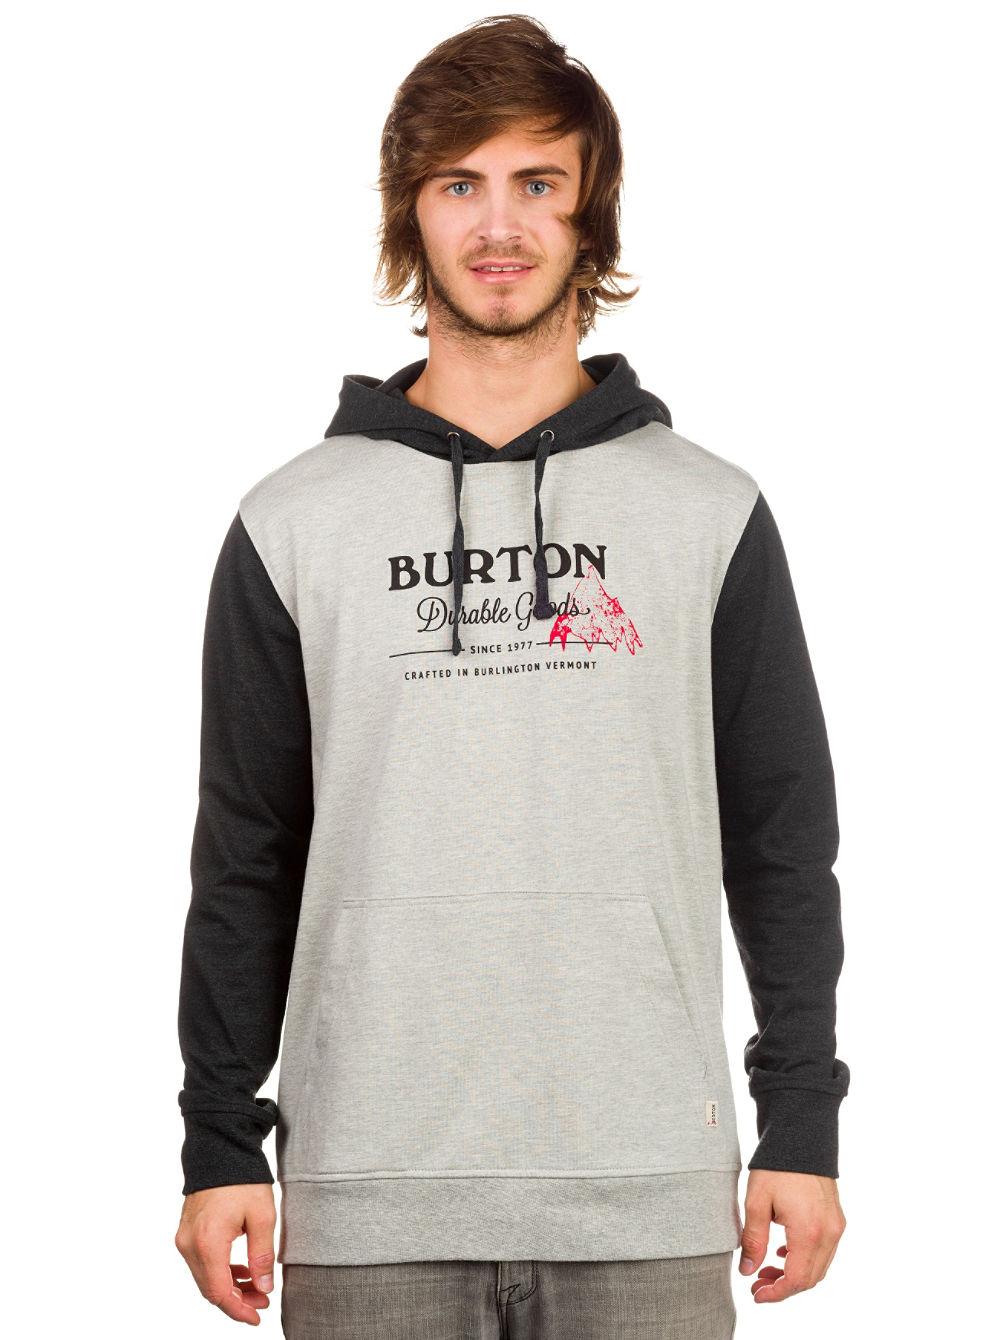 durable-goods-hoodie